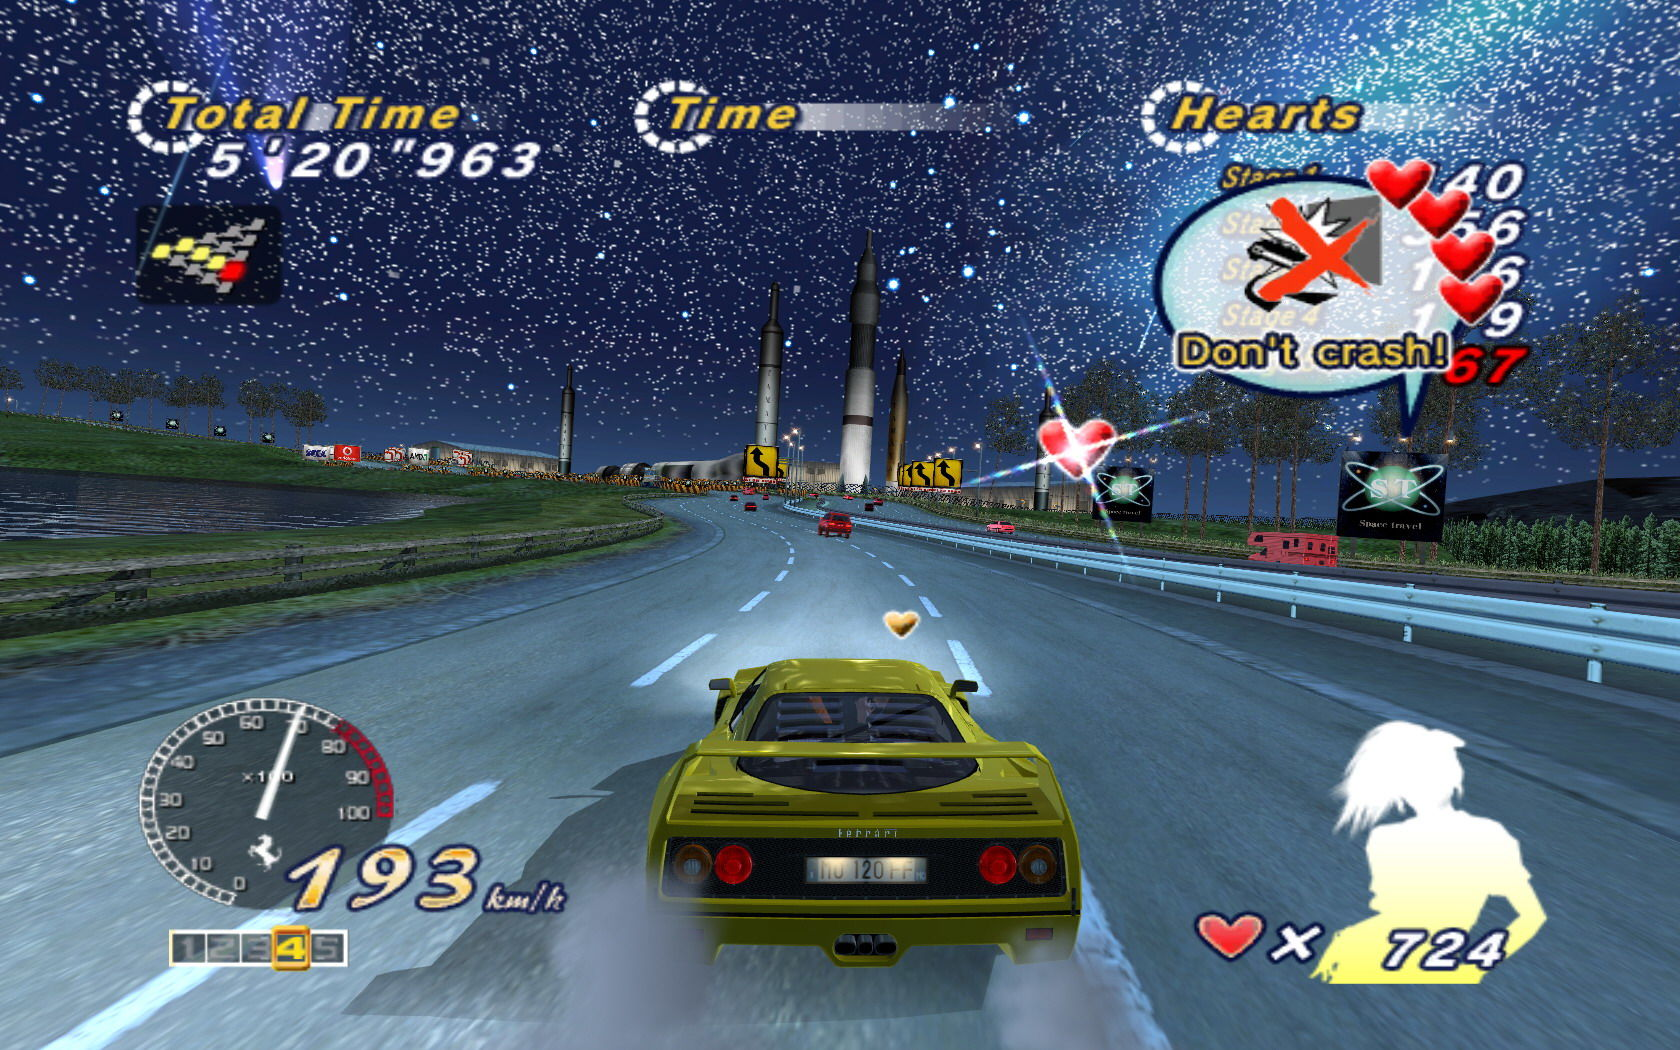 outrun 2006 9 - Game cũ mà hay: OutRun 2006 - Coast 2 Coast